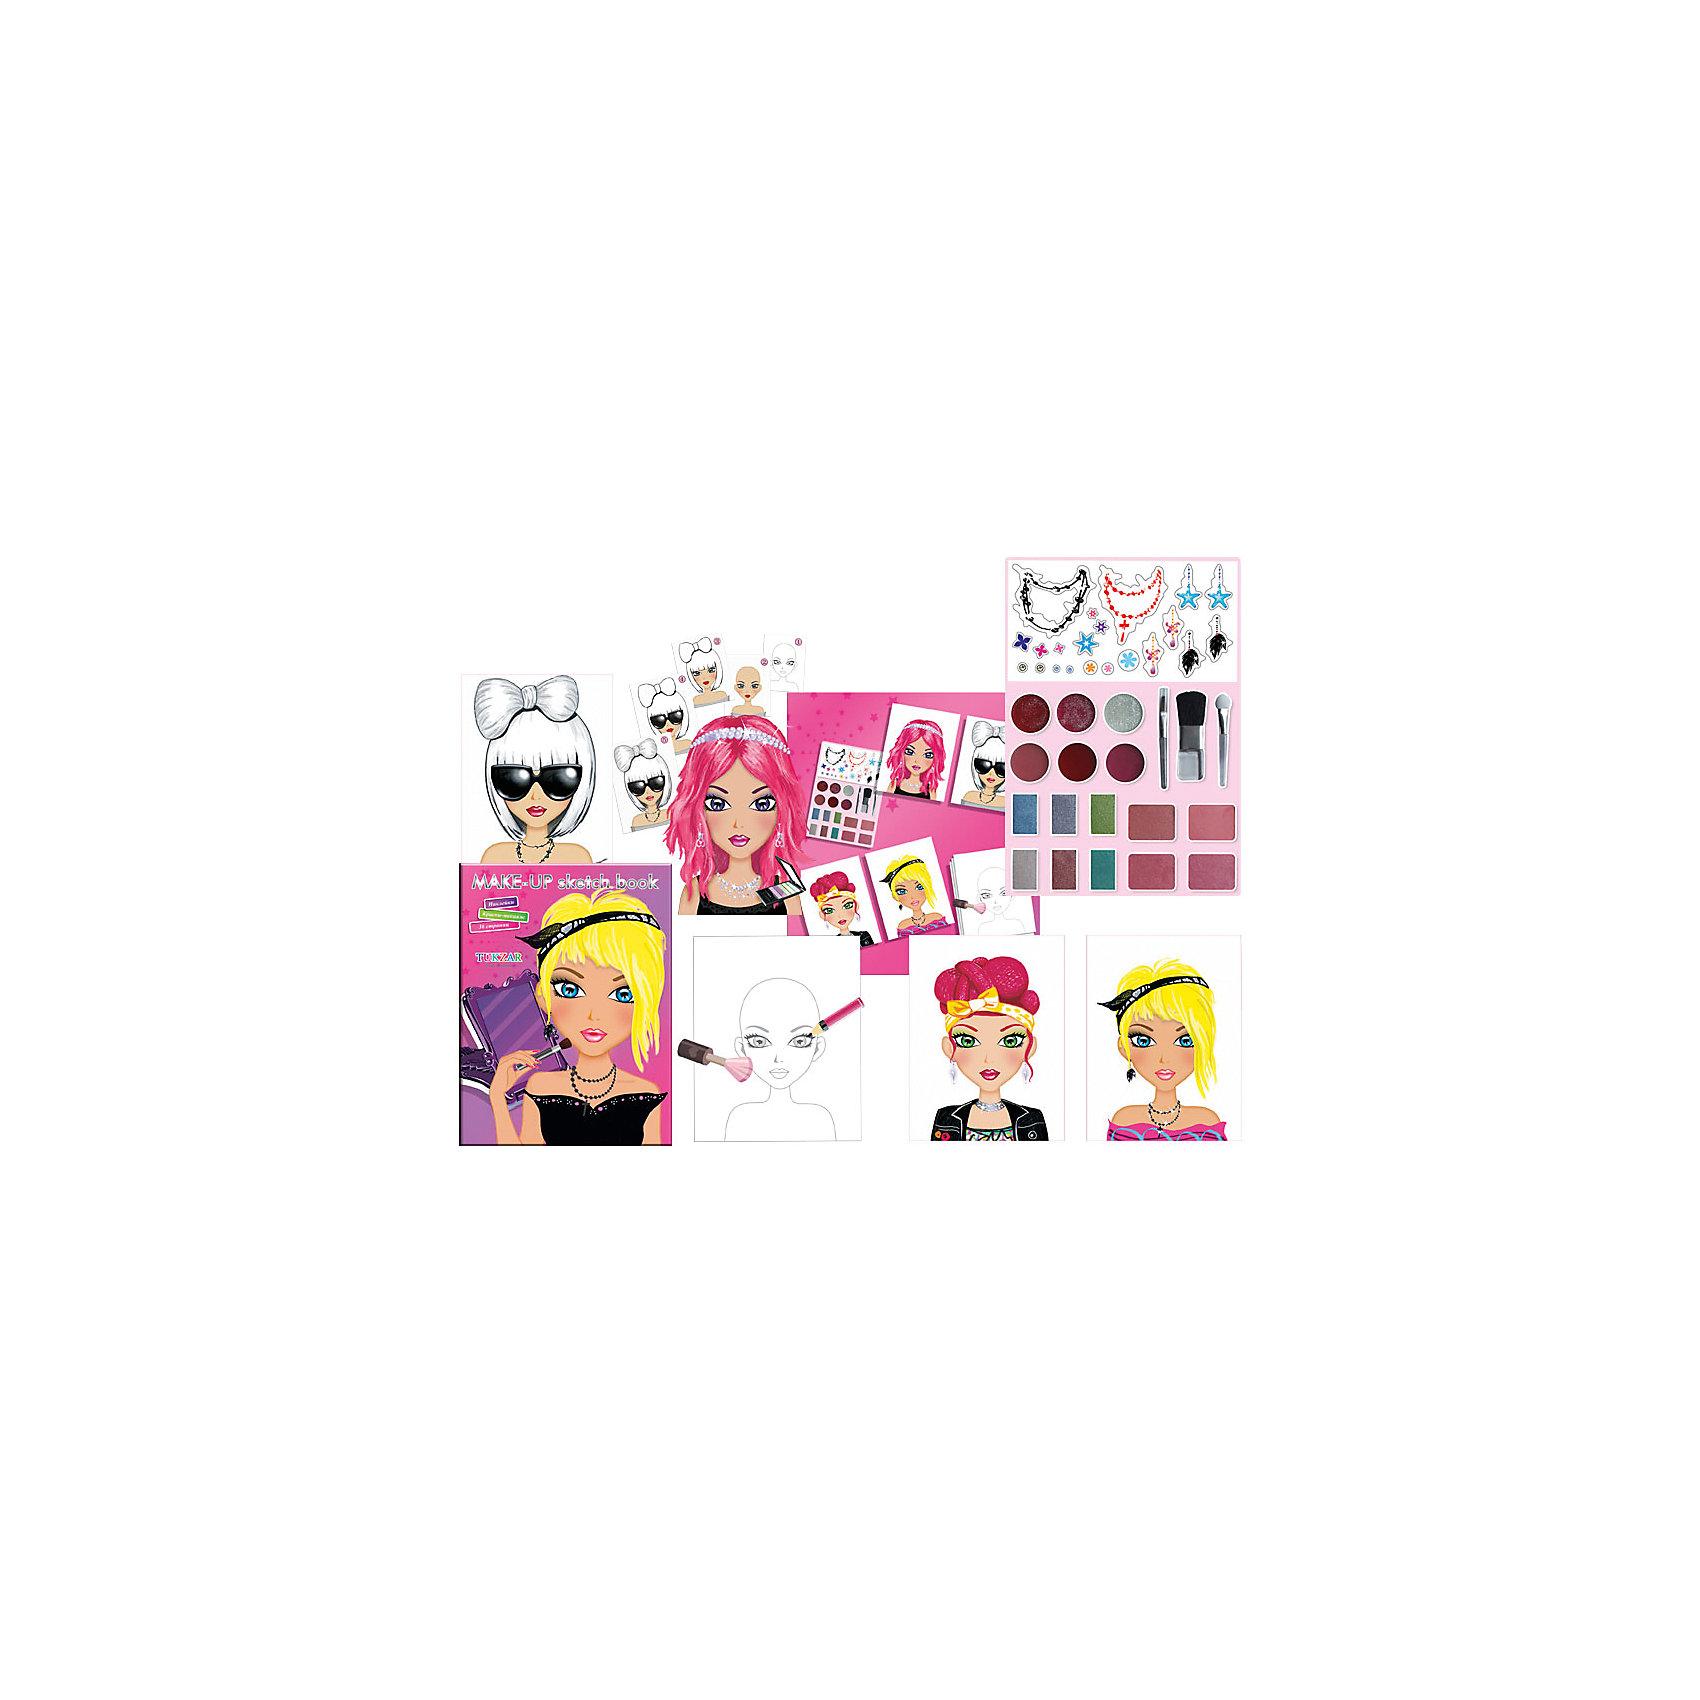 Альбом для творчества Юный визажист с косметикой и наклейкамиАльбом для творчества Юный визажист с косметикой и наклейками от известного торгового бренда канцелярских товаров и товаров для творчества TUKZAR. О таком наборе мечтает любая девочка, ведь в нем настоящая косметика и аксессуары, которые позволят создавать всевозможные образы для модниц! Все материалы, использованные в комплекте нетоксичны и безопасны. Альбом для творчества Юный визажист научит вашу девочку подбирать цвета, работать с различными фактурами, будет способствовать развитию воображения. <br>Альбом для творчества Юный визажист с косметикой и наклейками – идеальный подарок к любому празднику! <br><br>Дополнительная информация:<br><br>- Предназначение: для творческих занятий<br>- Пол: для девочки<br>- Комплектация: альбом, косметика (палетка с тенями, кисточки), наклейки <br>- Размеры (Д*Ш): 19*24 см<br>- Упаковка: полиэтилен<br><br>Подробнее:<br><br>• Для детей в возрасте: от 5 лет <br>• Страна производитель: Китай<br>• Торговый бренд: TUKZAR<br><br>Альбом для творчества Юный визажист с косметикой и наклейками можно купить в нашем интернет-магазине.<br><br>Ширина мм: 240<br>Глубина мм: 190<br>Высота мм: 20<br>Вес г: 100<br>Возраст от месяцев: 36<br>Возраст до месяцев: 132<br>Пол: Женский<br>Возраст: Детский<br>SKU: 5001442